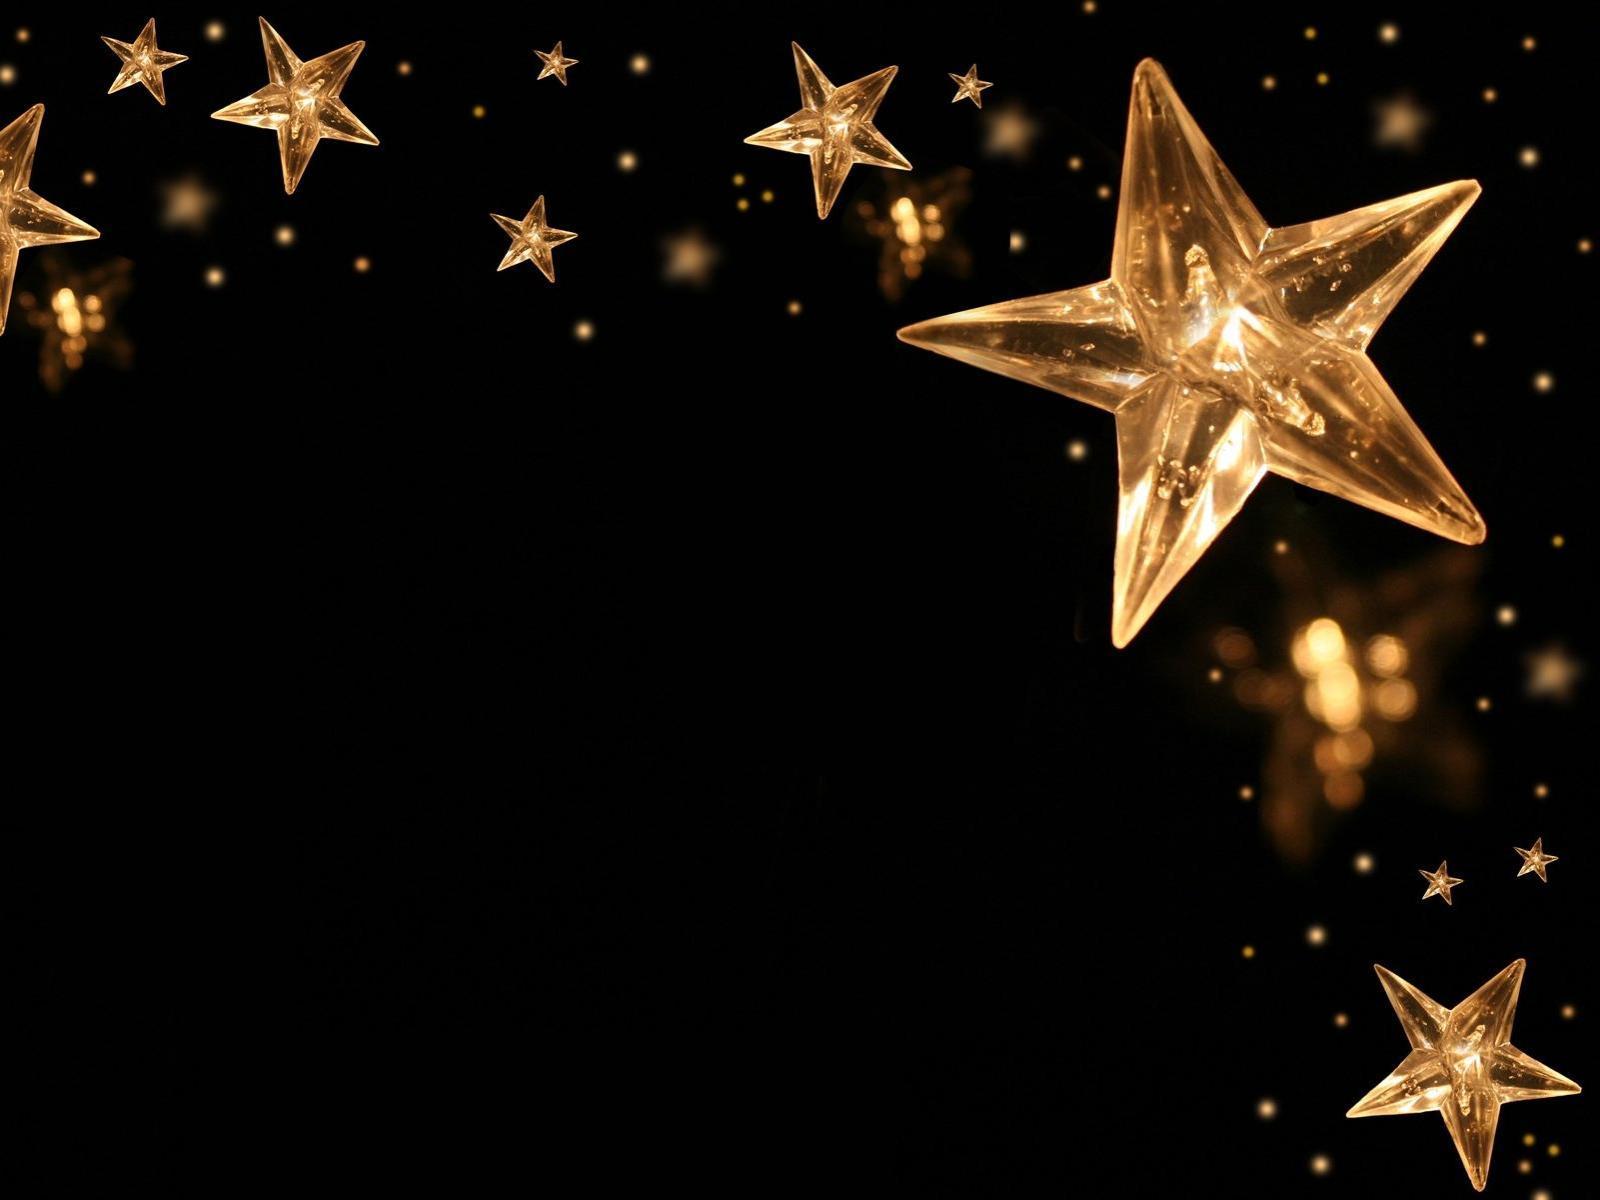 Обои композиция на белом фоне, Красивая рождественская. Новый год foto 18